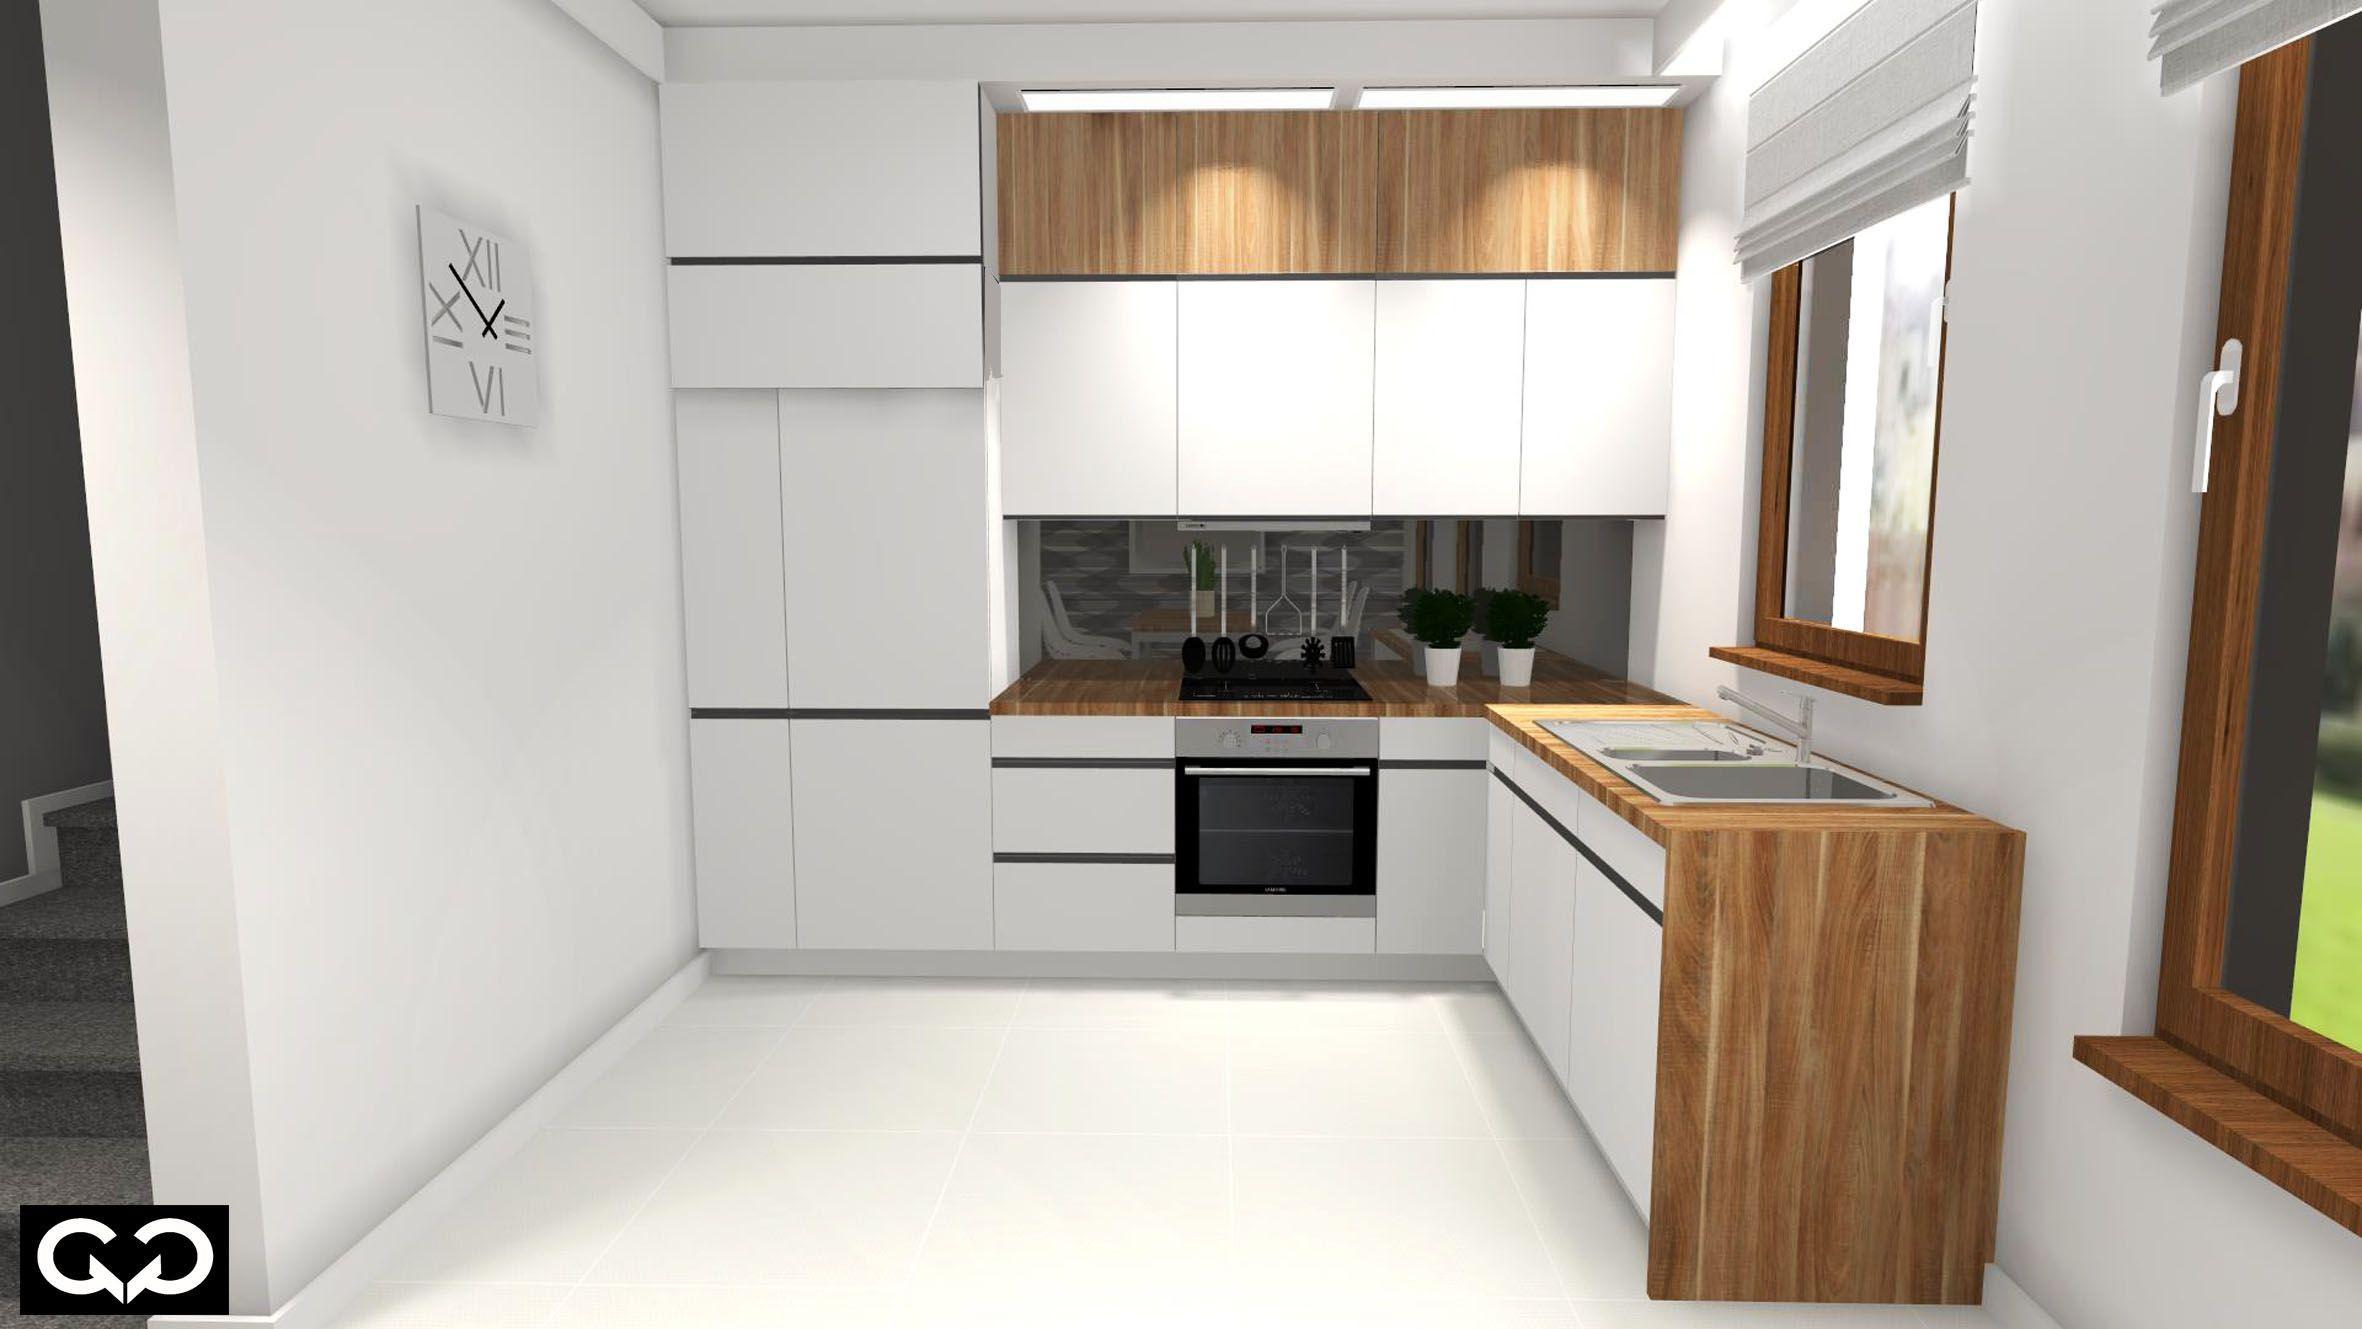 Nowoczesna Kuchnia Biel I Drewno Home Decor Kitchen Kitchen Cabinets